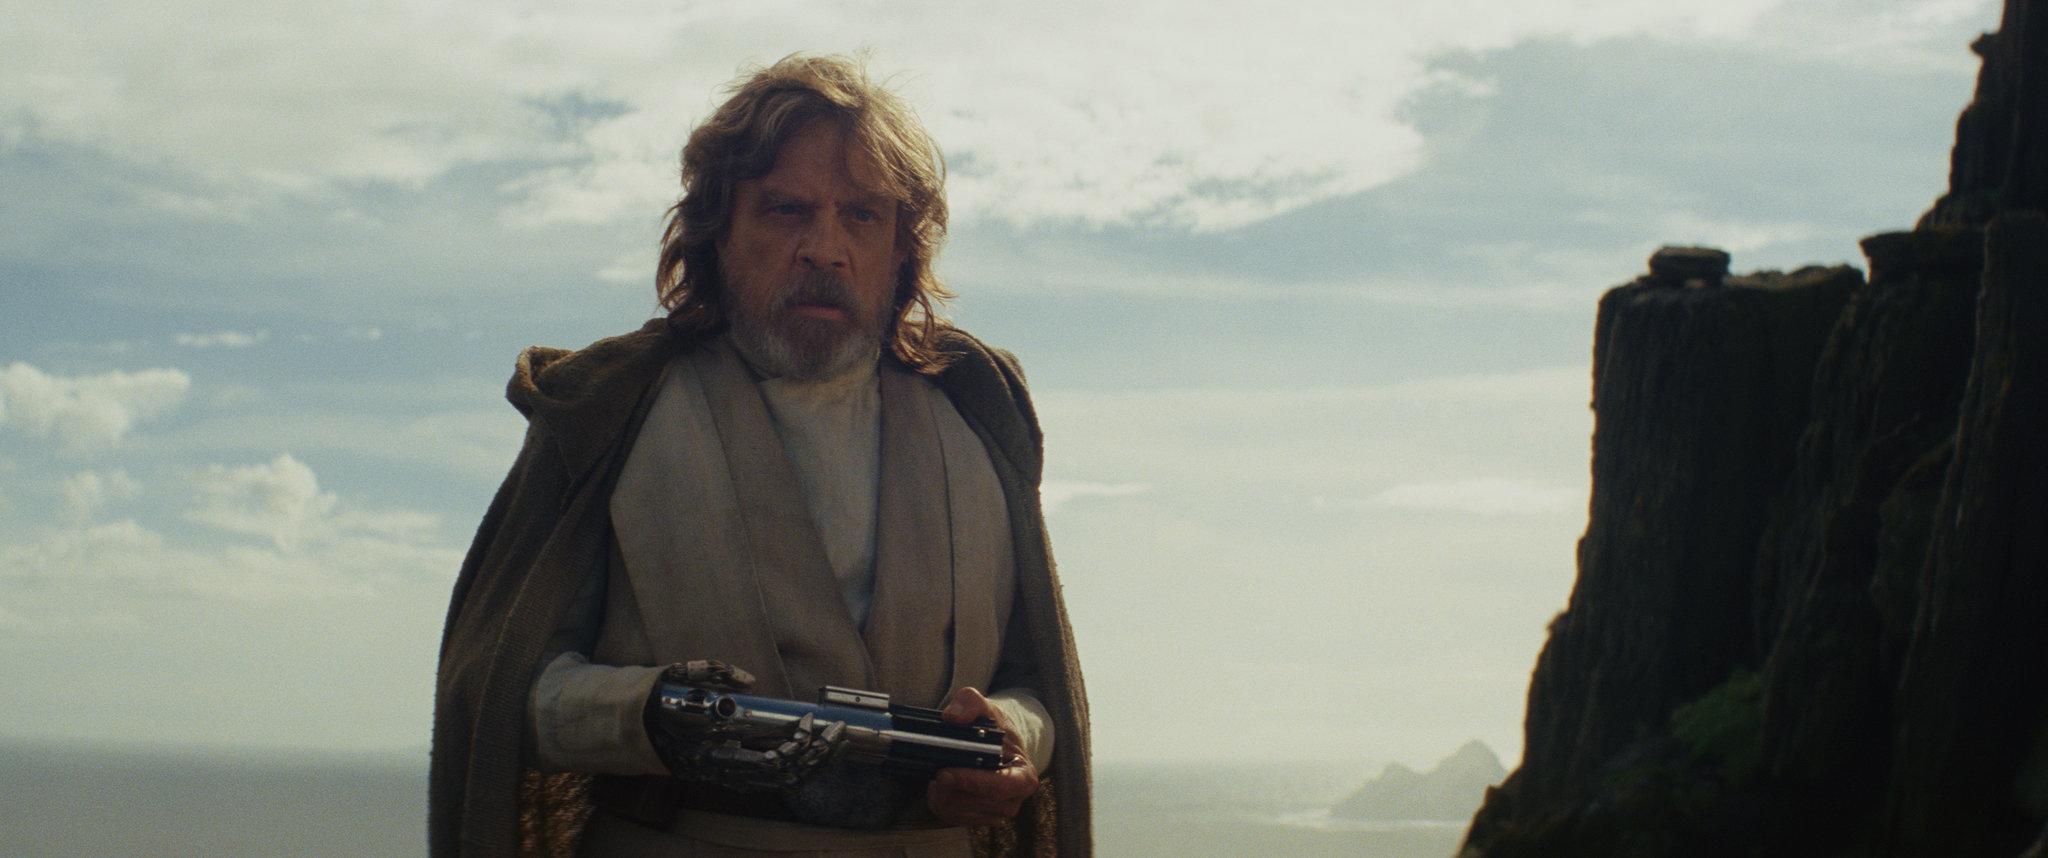 Surprise, Surprise: The 'Alt-Right' Claims Credit For 'Last Jedi'